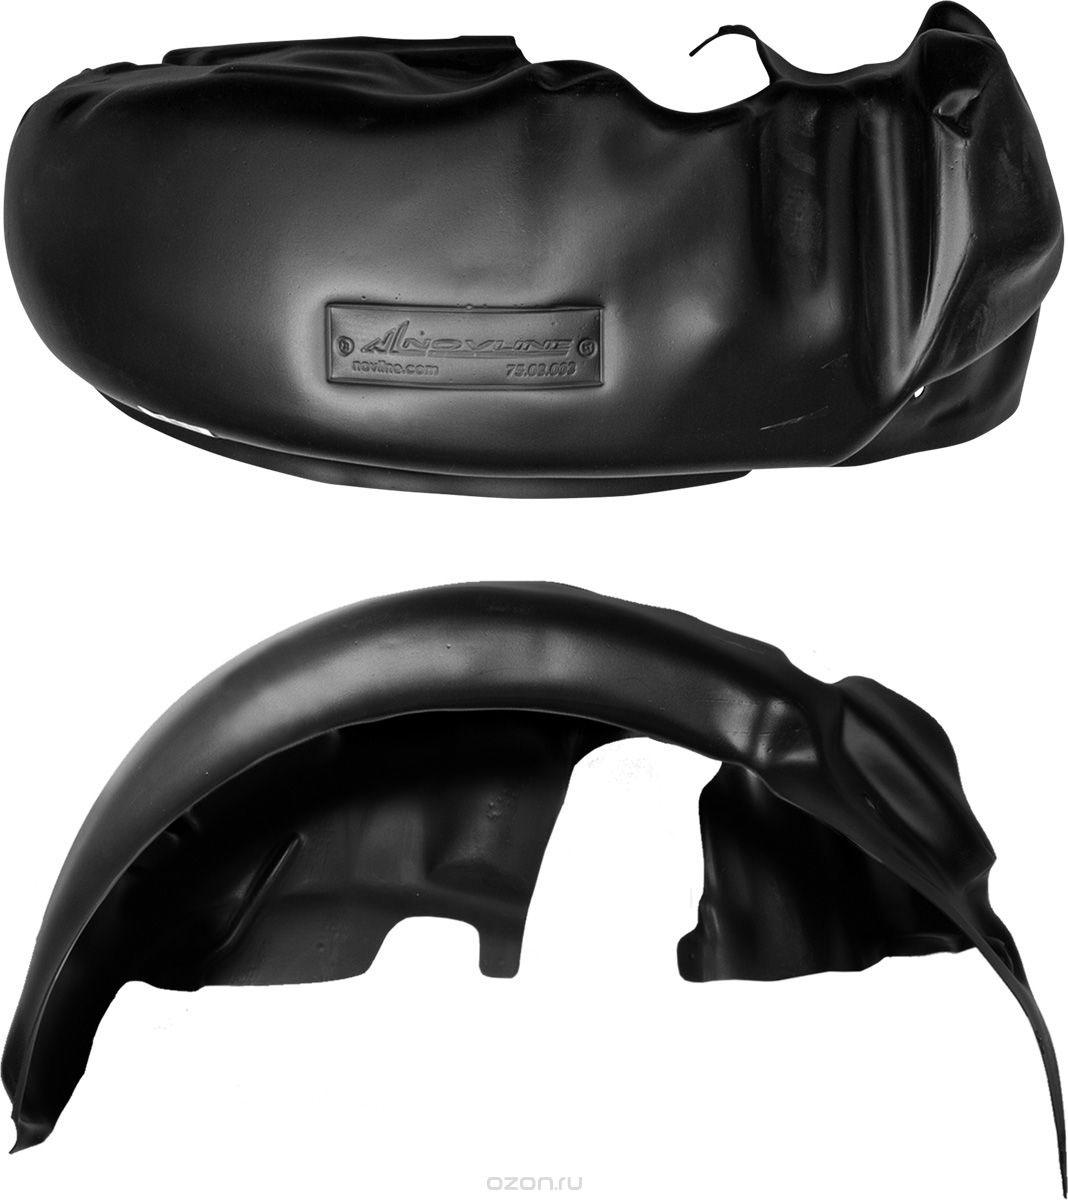 Подкрылок Novline-Autofamily, для HONDA Civic 4D, 2012->, задний левыйVCA-00Идеальная защита колесной ниши. Локеры разработаны с применением цифровых технологий, гарантируют максимальную повторяемость поверхности арки. Изделия устанавливаются без нарушения лакокрасочного покрытия автомобиля, каждый подкрылок комплектуется крепежом. Уважаемые клиенты, обращаем ваше внимание, что фотографии на подкрылки универсальные и не отражают реальную форму изделия. При этом само изделие идет точно под размер указанного автомобиля.